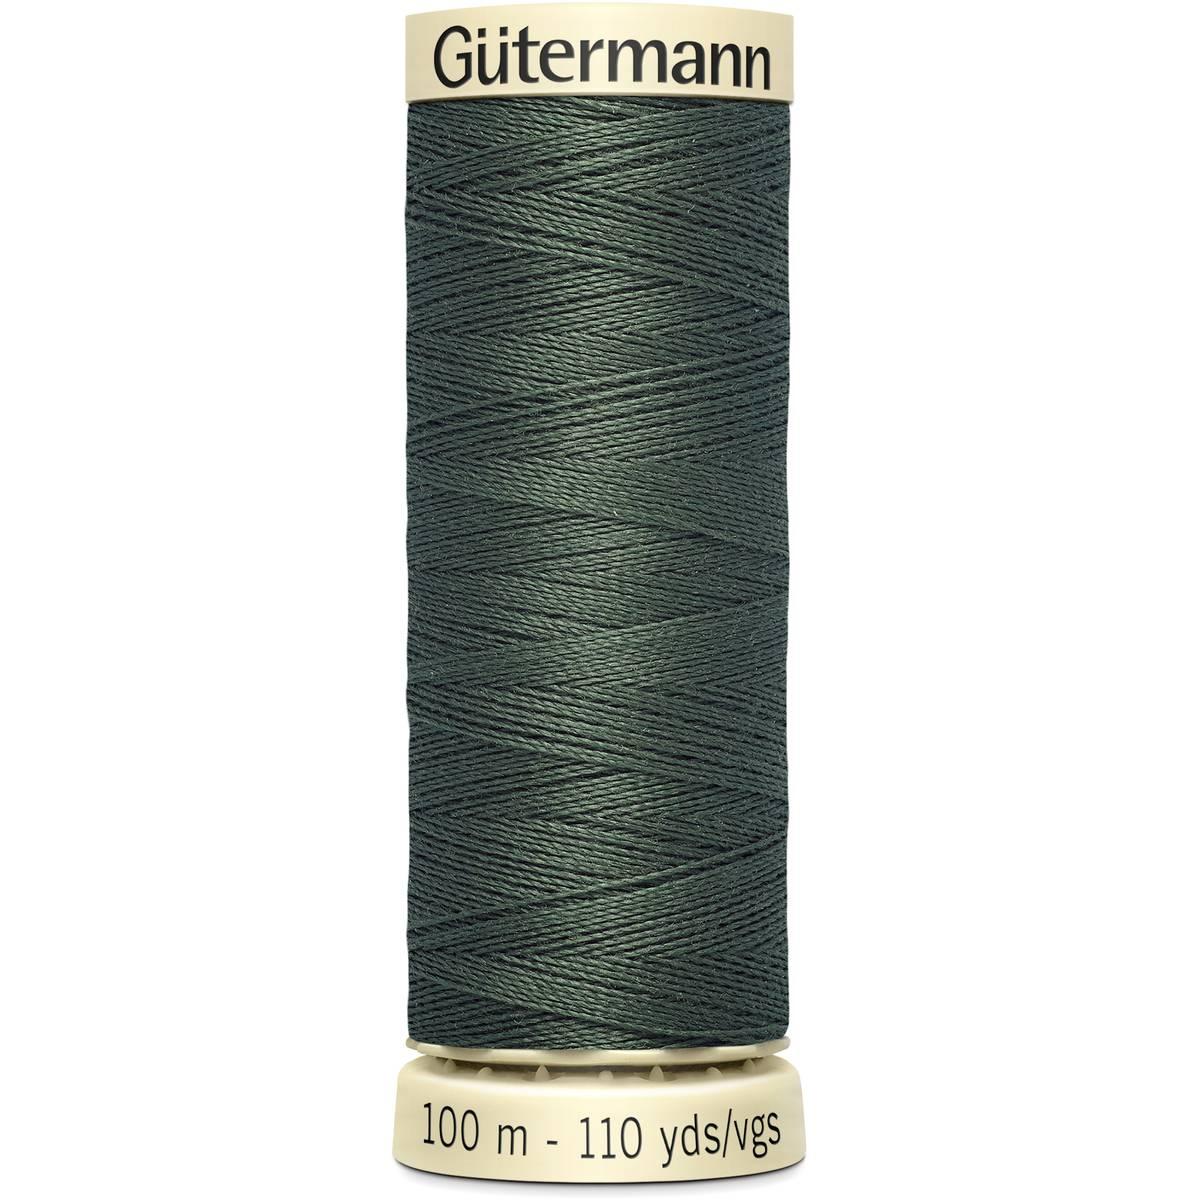 חוט תפירה גוטרמן - Grey 269